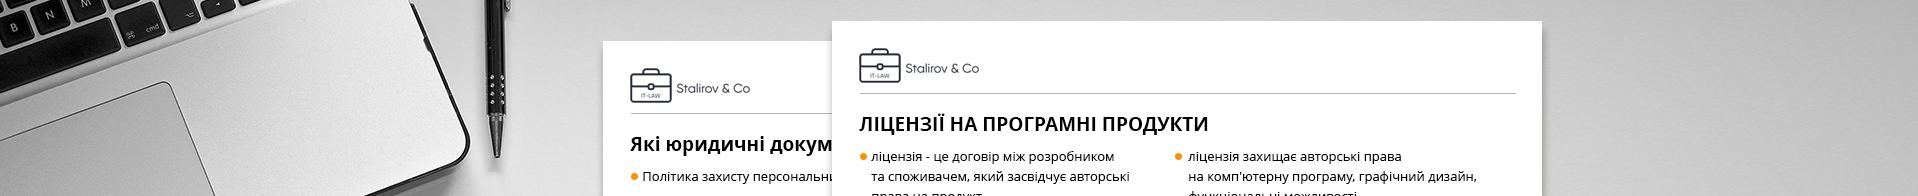 Лицензия на программное обеспечение icon